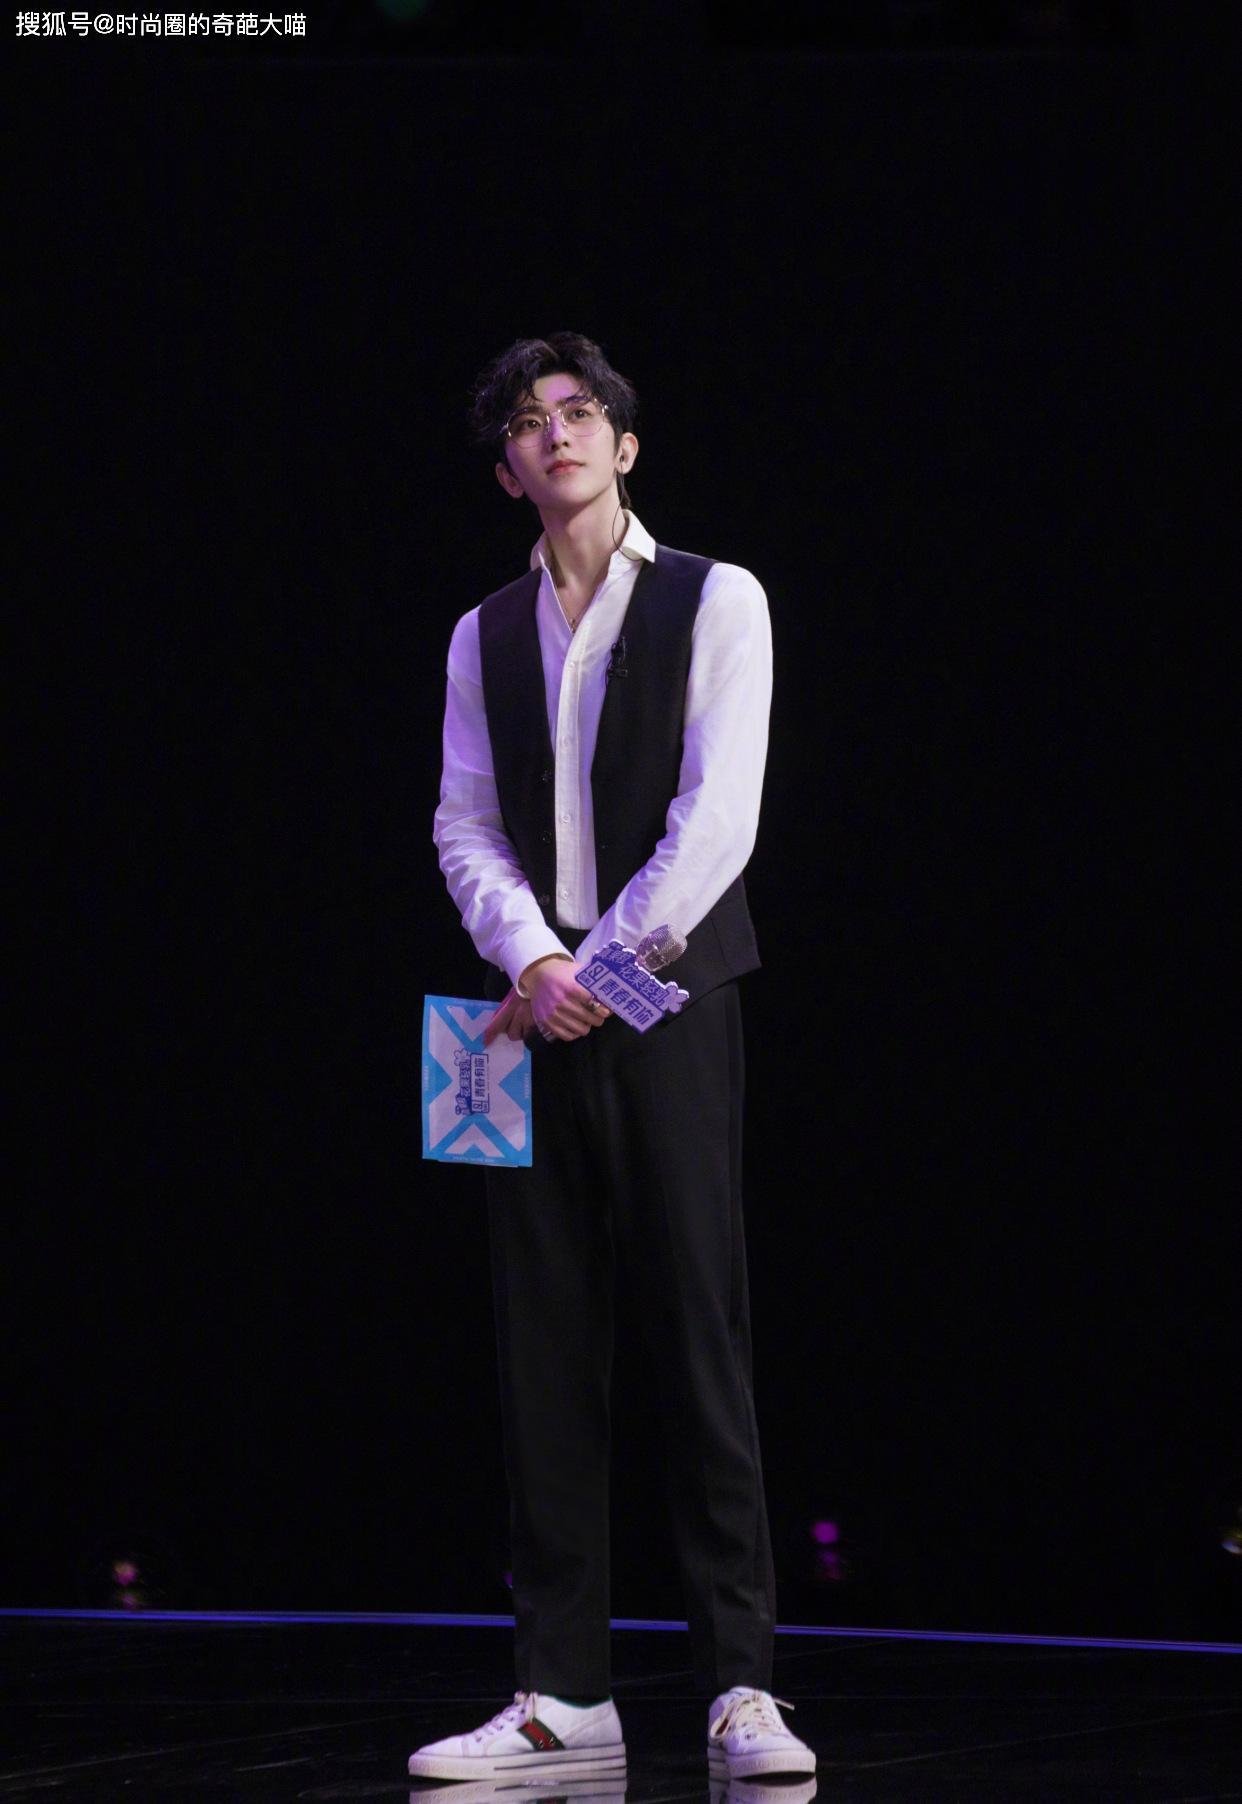 蔡徐坤百變風格展現獨特魅力,紳士酷颯隨心變,沒有他駕馭不了的